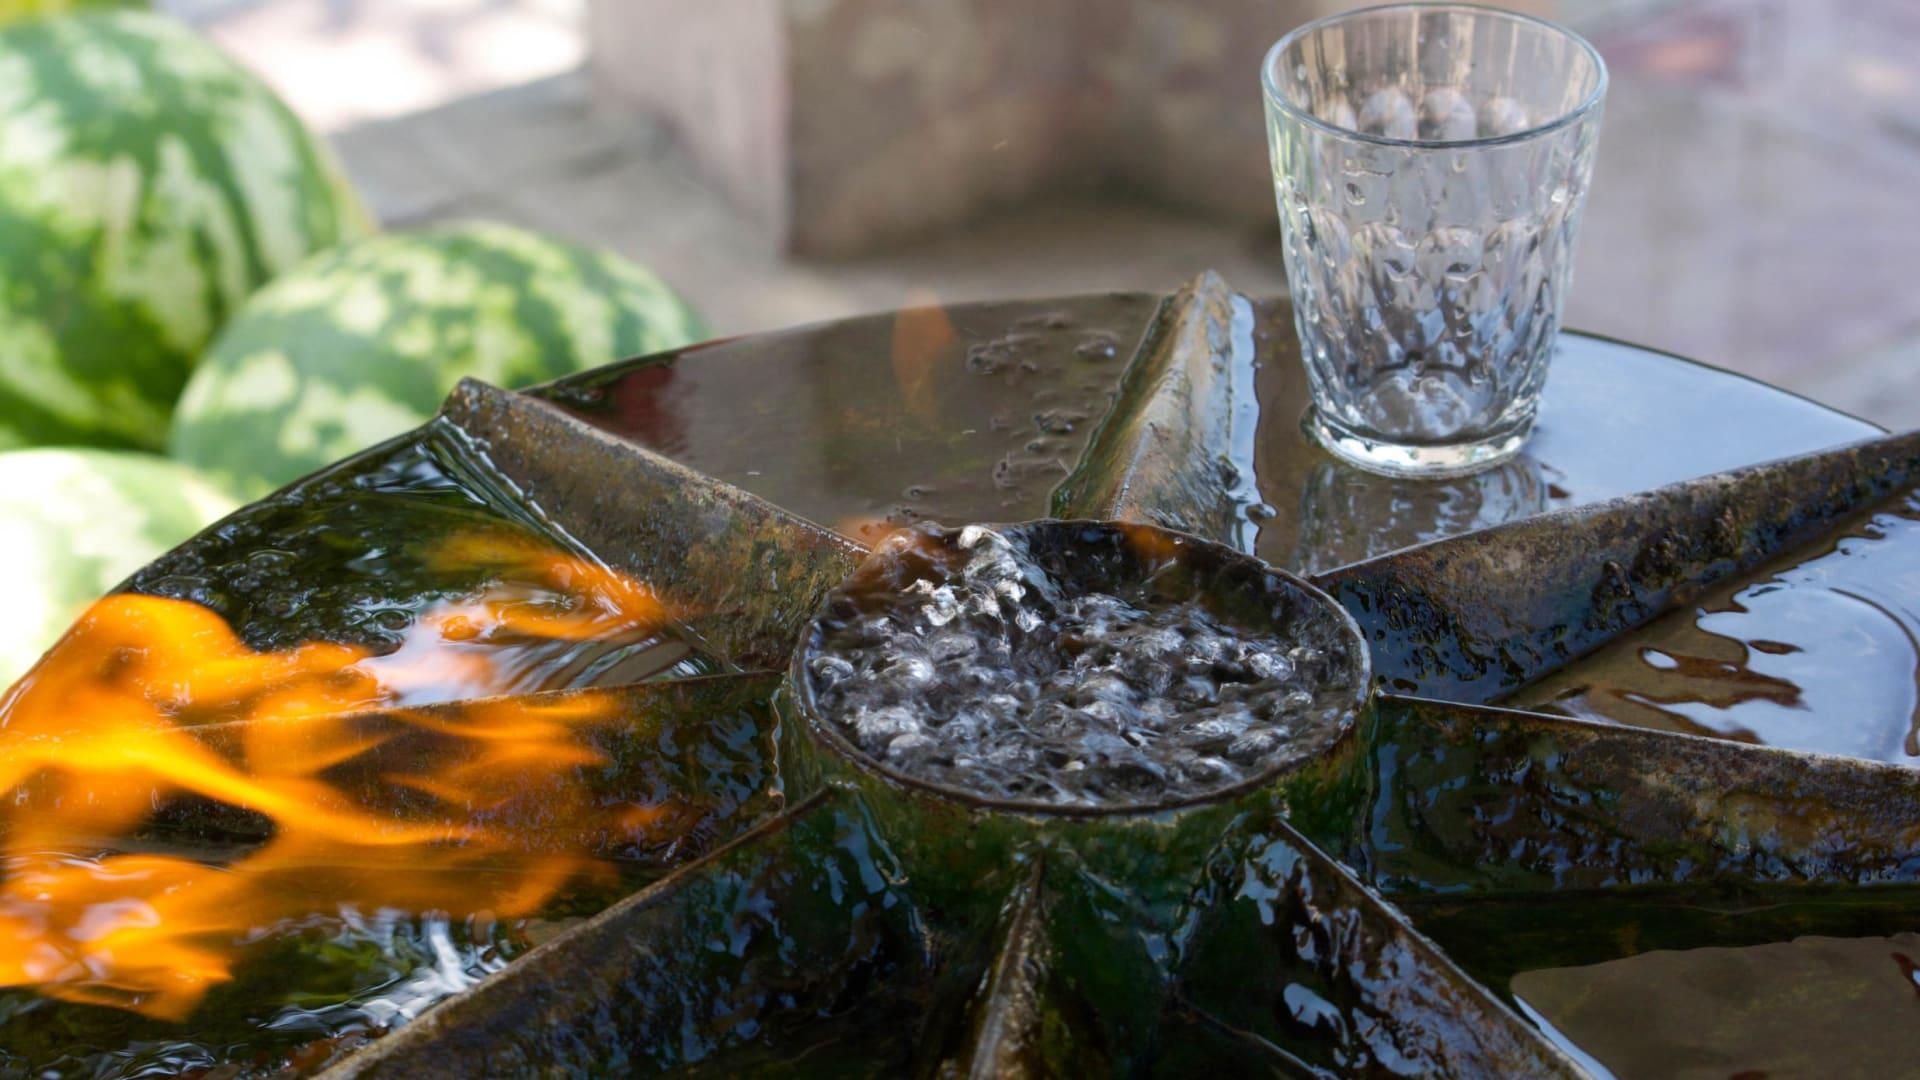 نبع مشتعل صالح للشرب بأذربيجان.. ظاهرة طبيعية تجذب الزوار لغرابتها